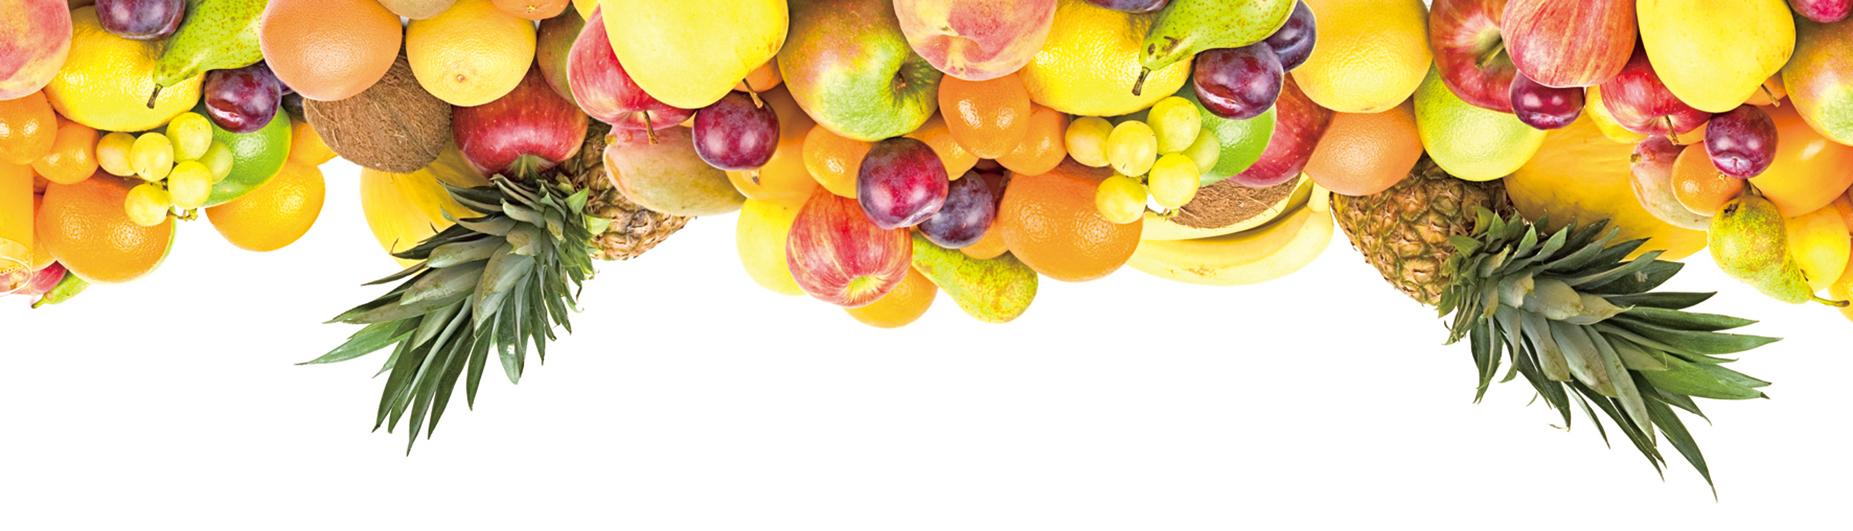 吃蔬果就能改善便秘? 醫師破解便秘六大迷思